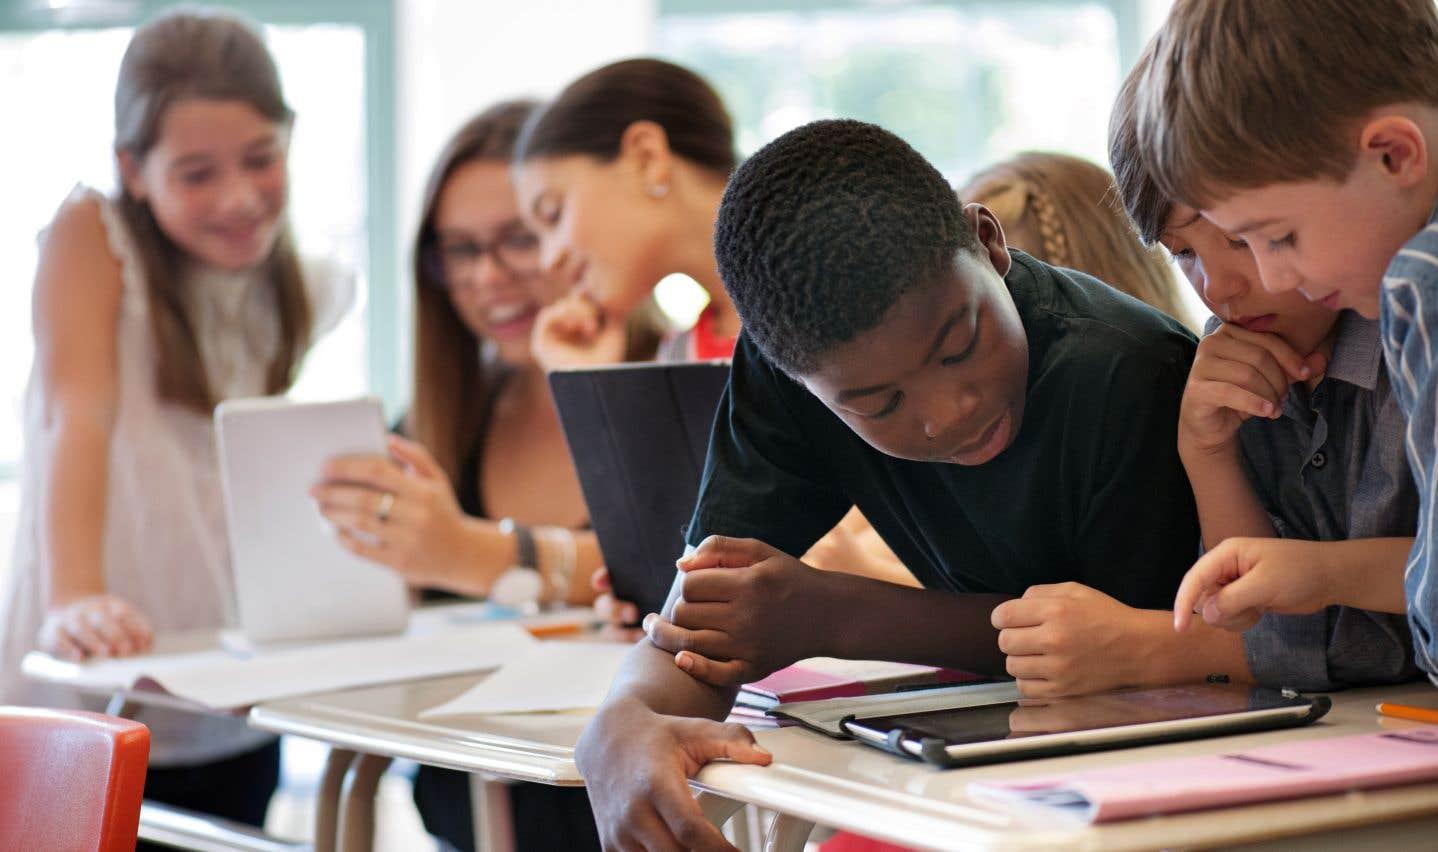 L'éducation à la sexualité devrait débuter dès le primaire et suivre un curriculum «spiralé», ce qui implique de revoir les mêmes thèmes sur plusieurs années.